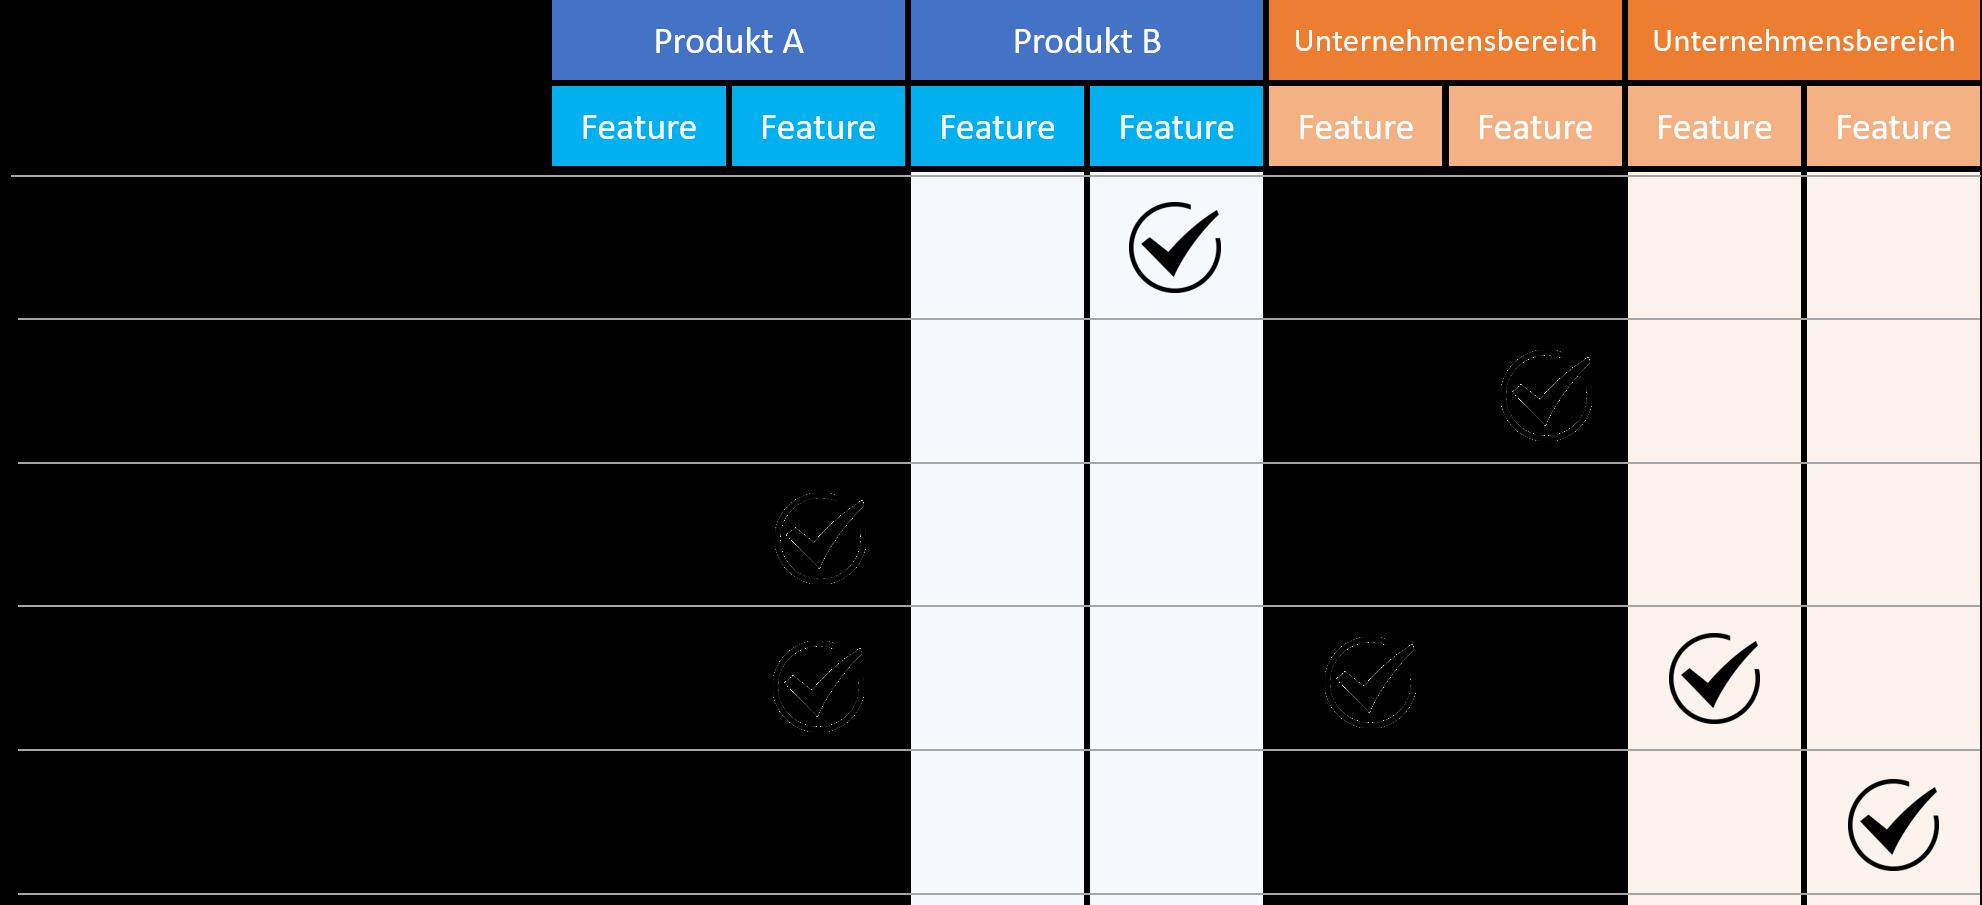 Matrix für die Identifizierung von potentiellen KI-Projekten im Unternehmen